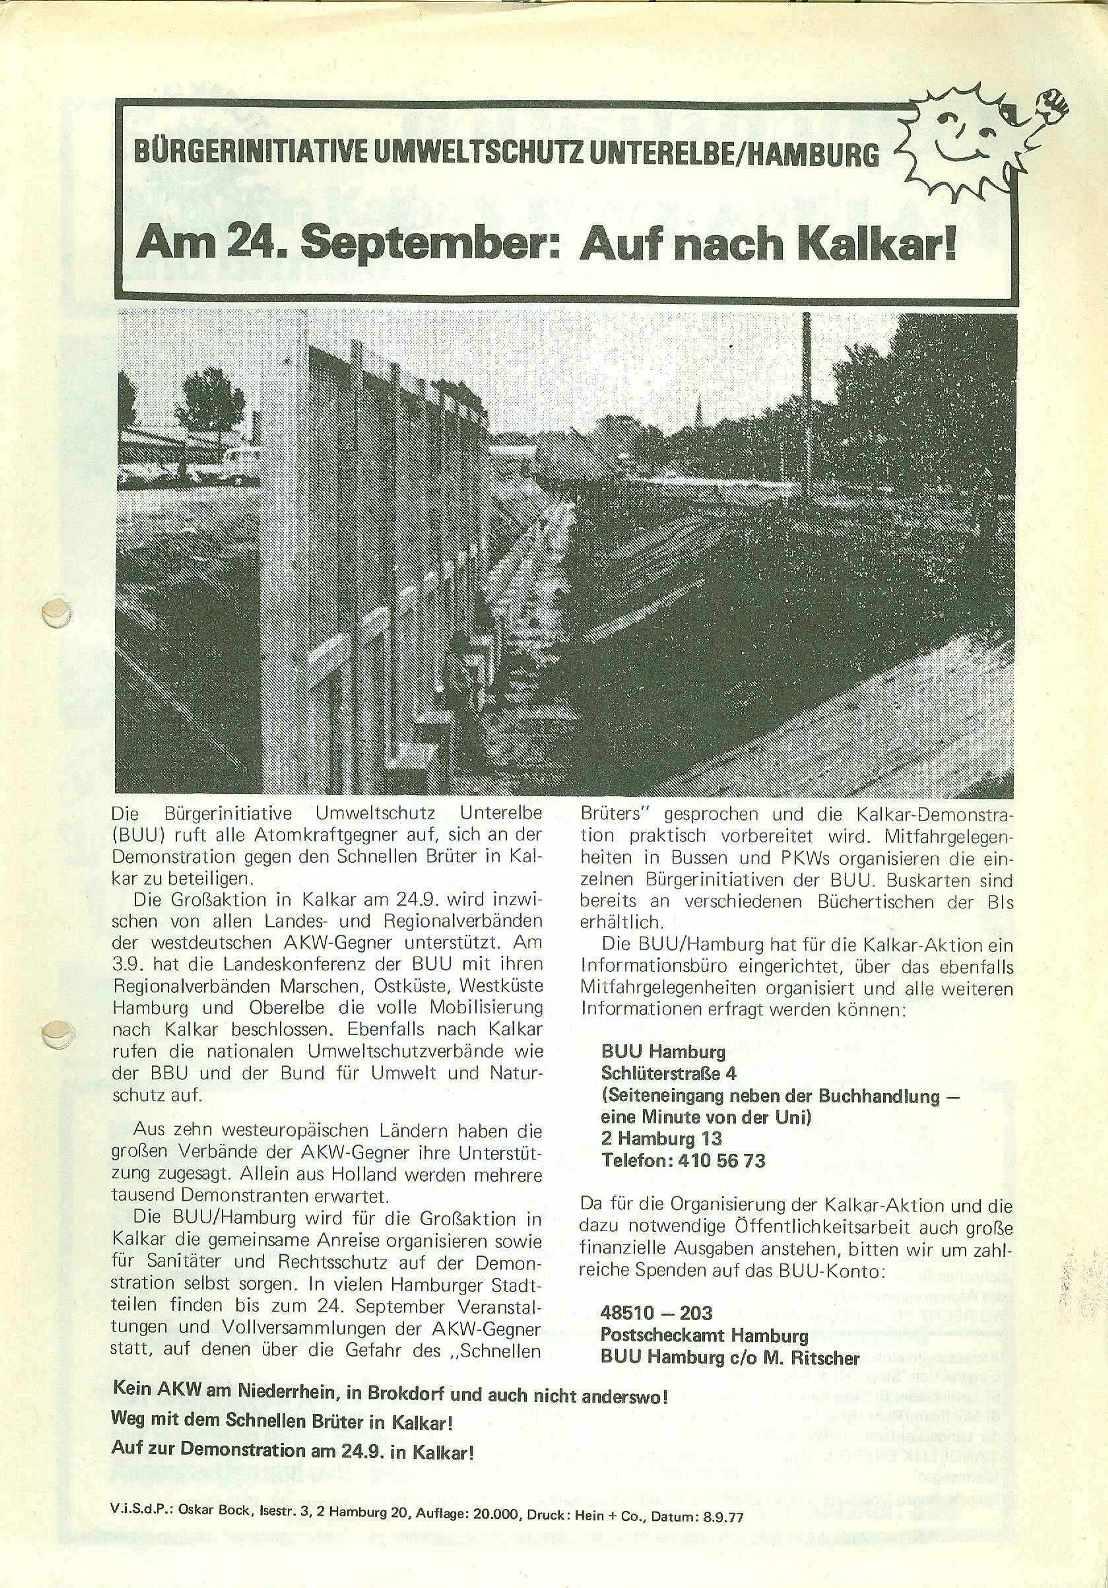 Hamburg_AKW003